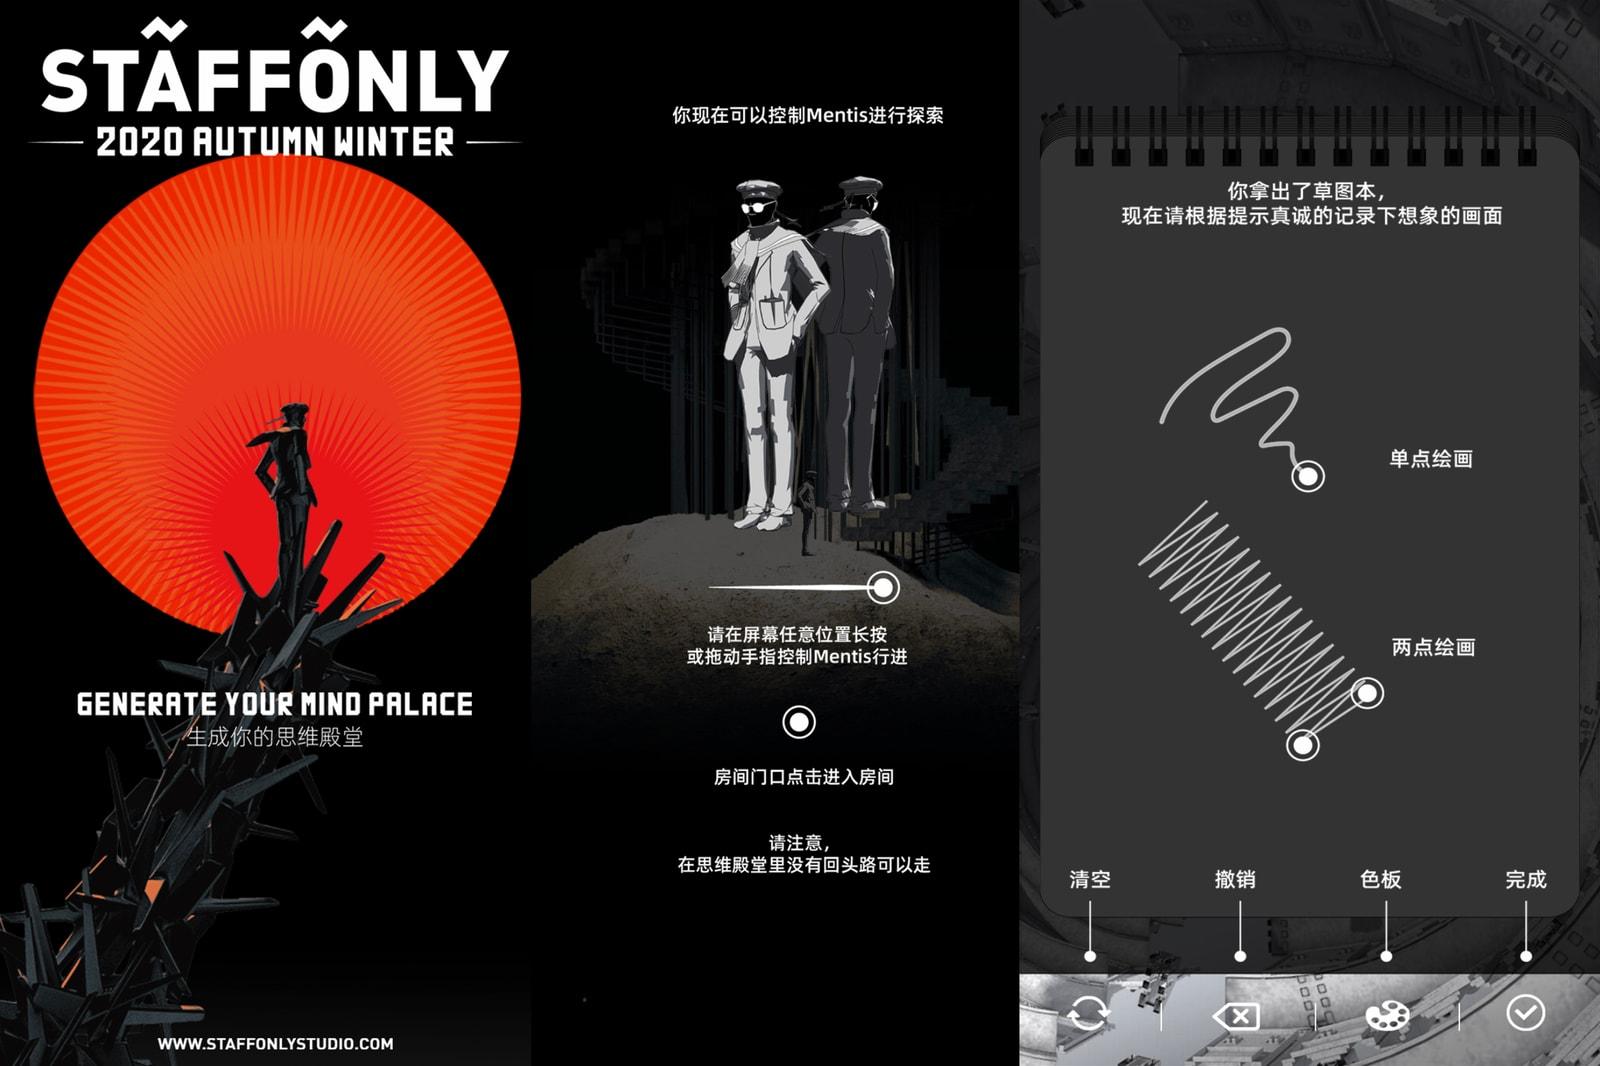 STAFFONLY 发布 2020 AW 新系列及冒险小游戏